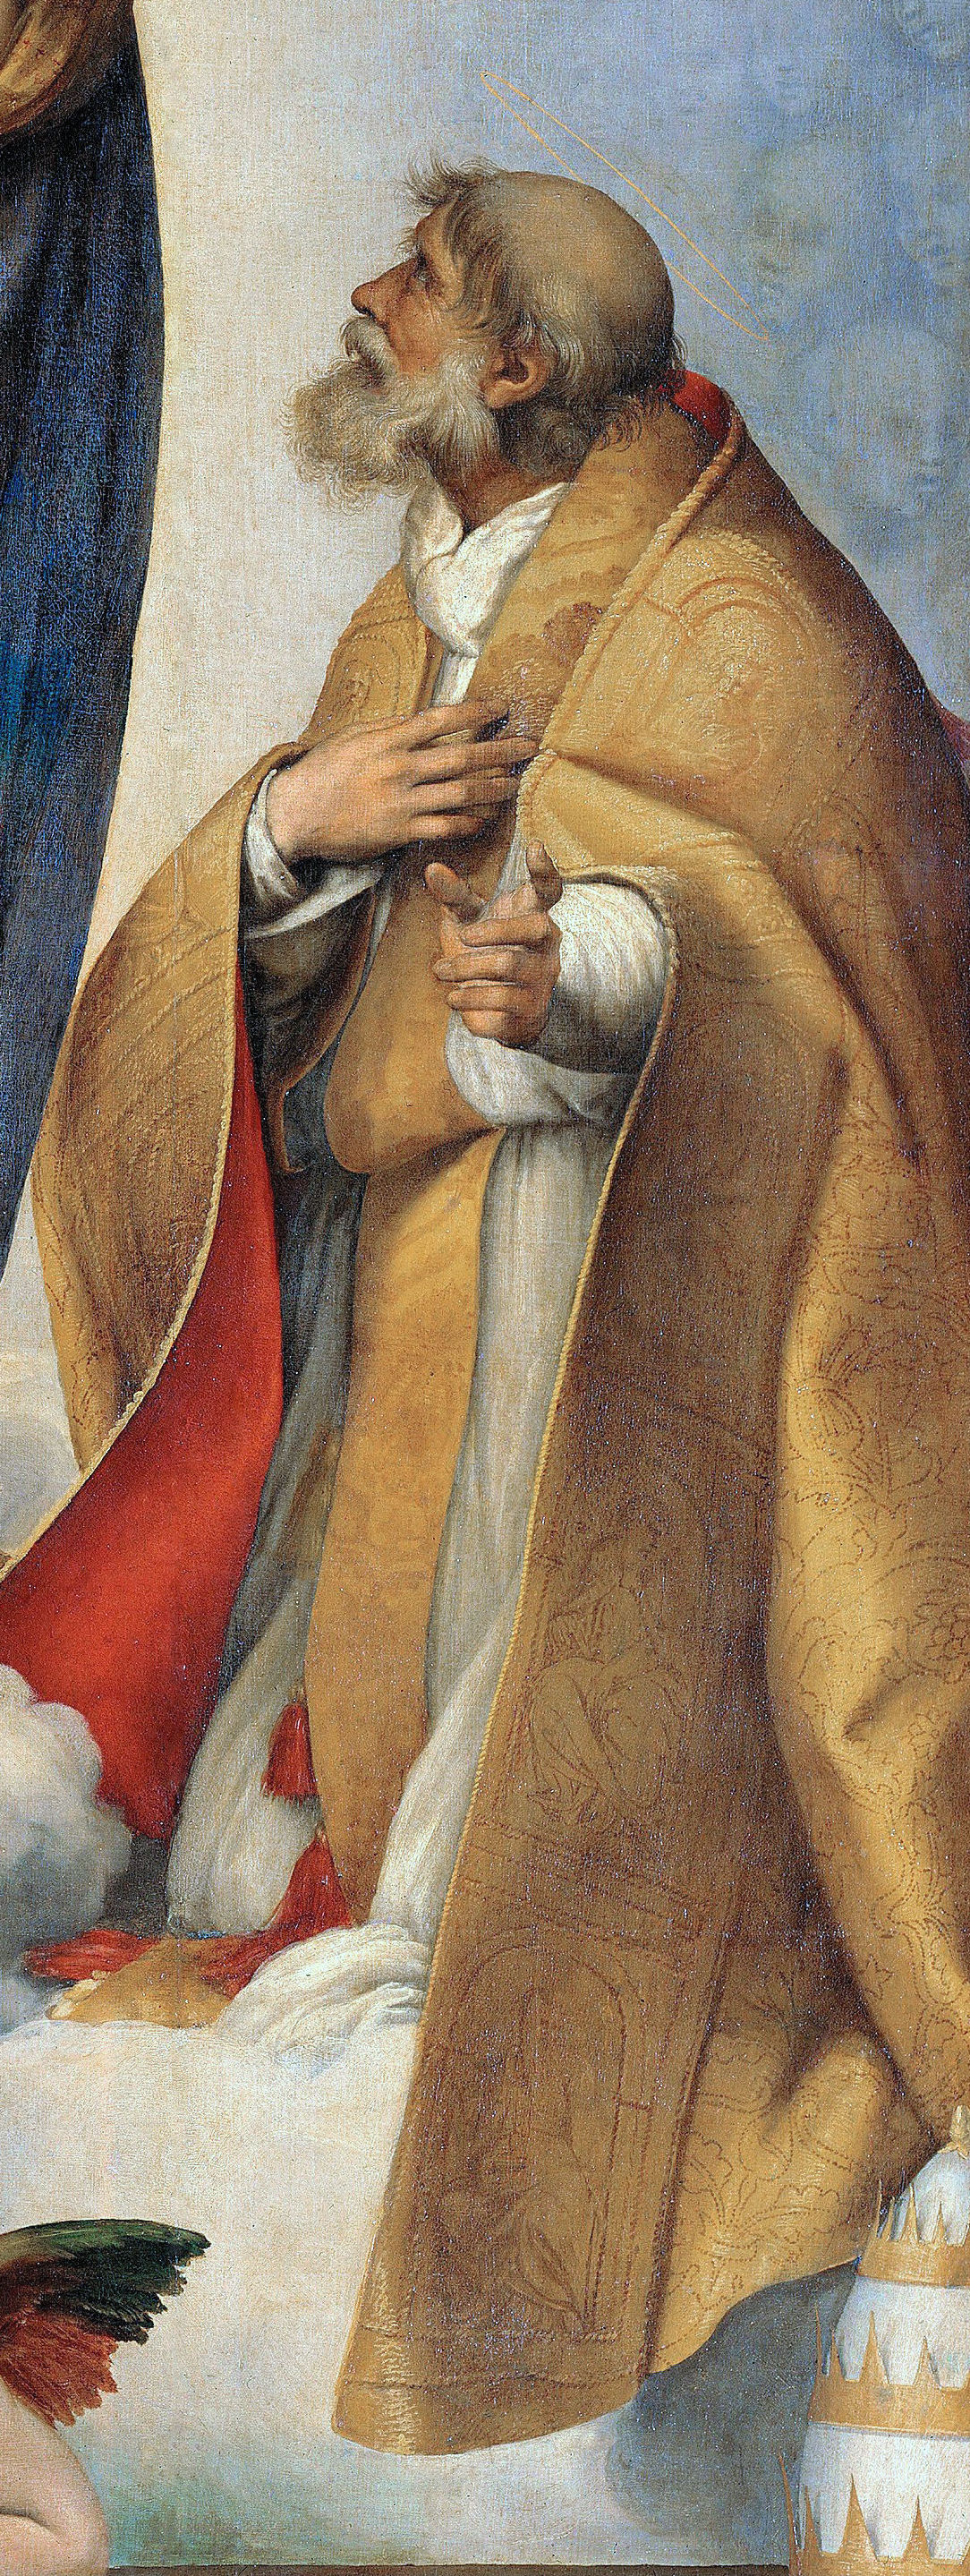 Papst Julius II. als Xystus II. auf der Sixtinischen Madonna von Raffael (gespiegelter Ausschnitt), 1512/13, Gemäldegalerie Alte Meister, Dresden